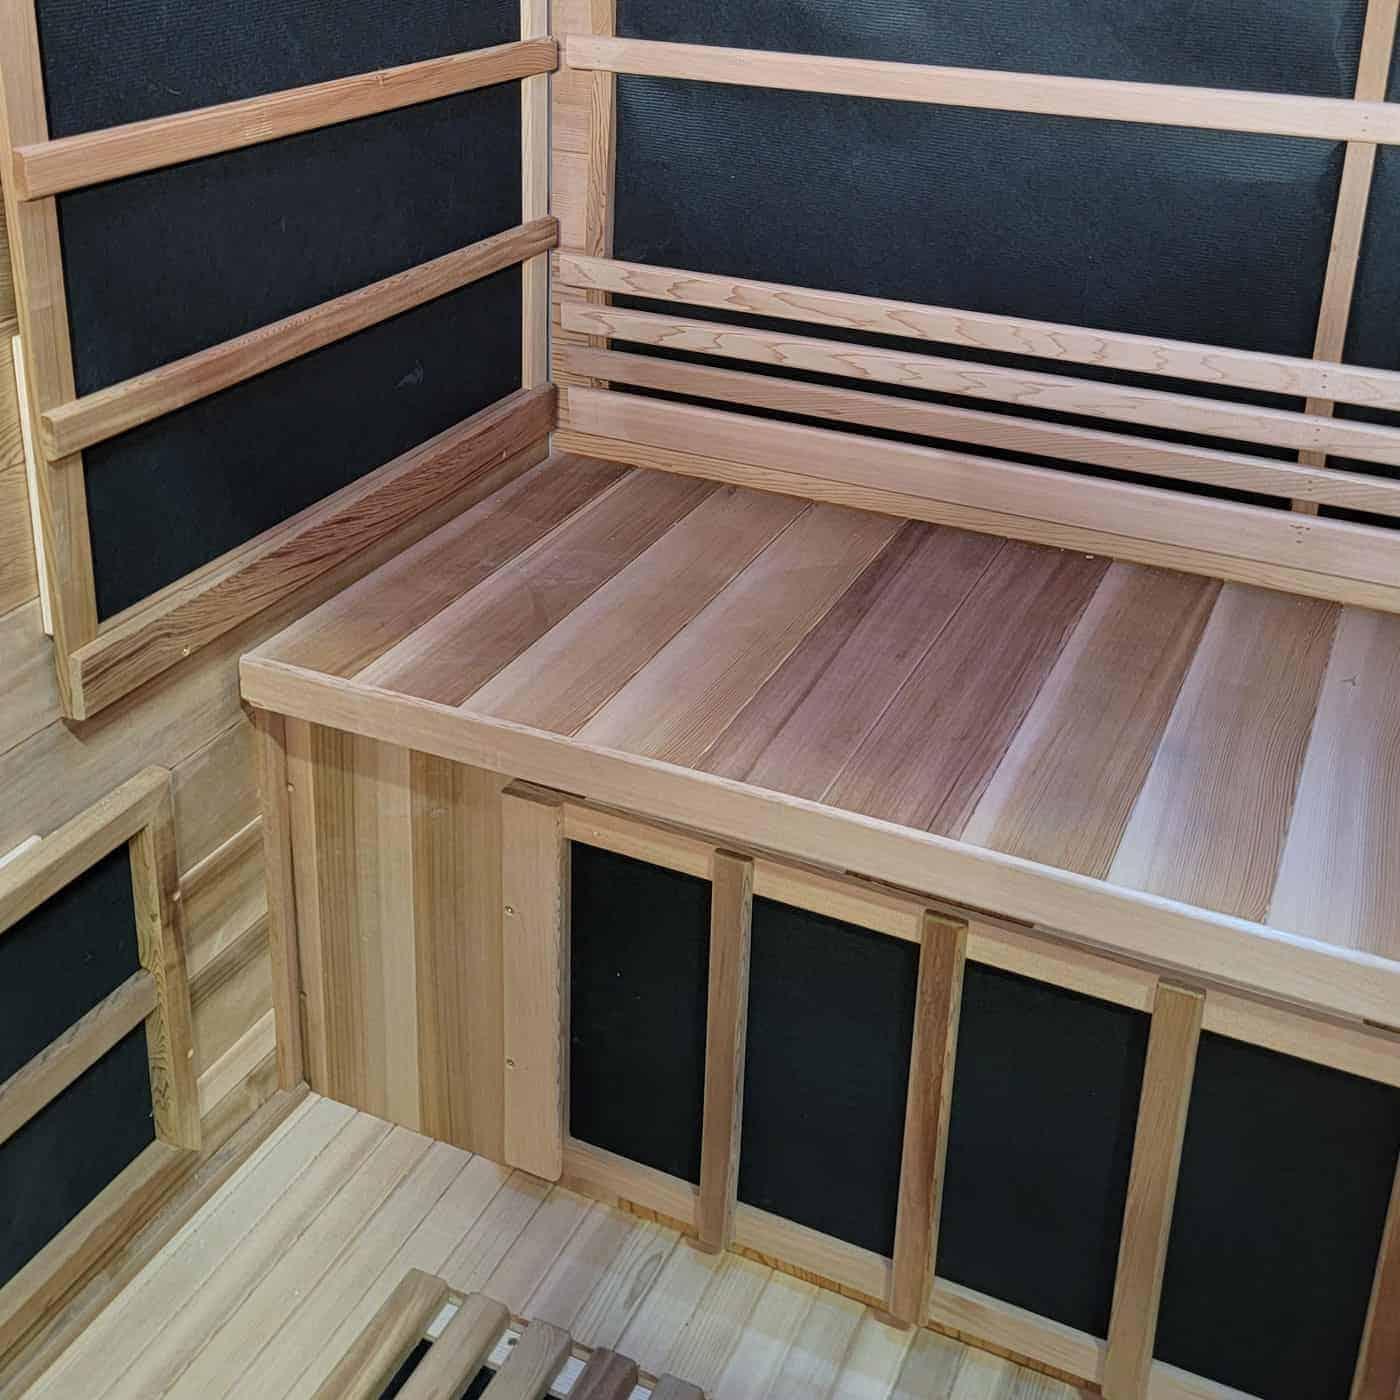 Outdoor Infrared Sauna Interior View